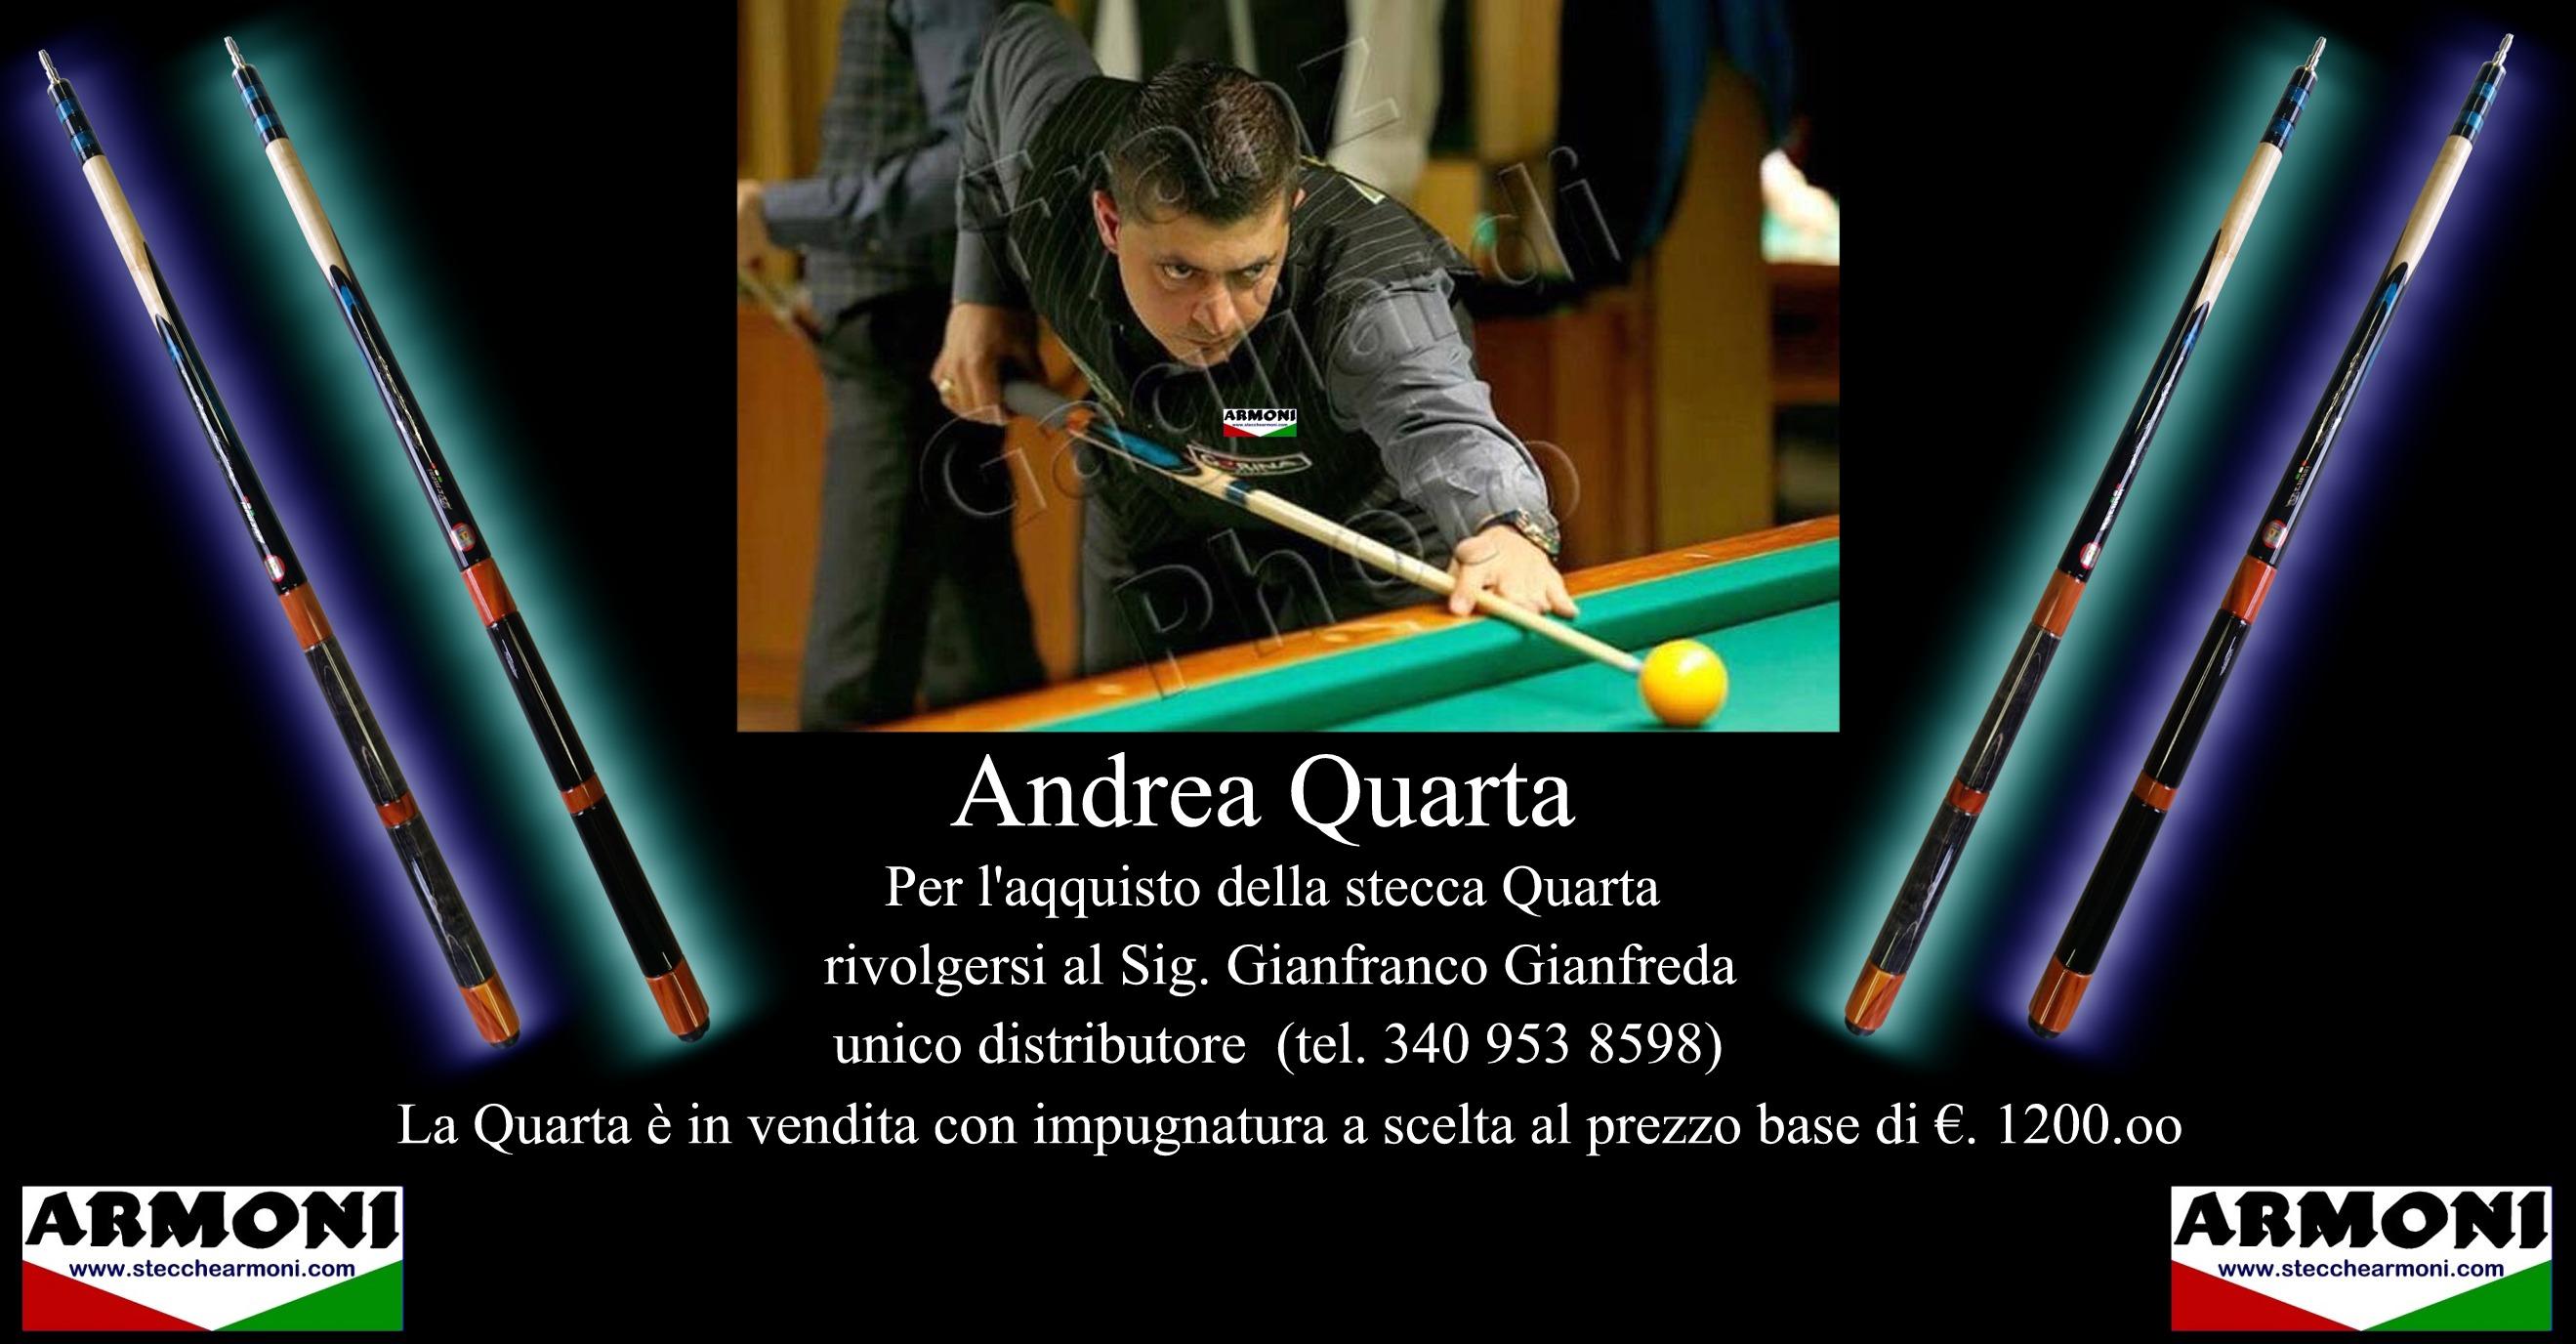 ANDREA QUARTA B